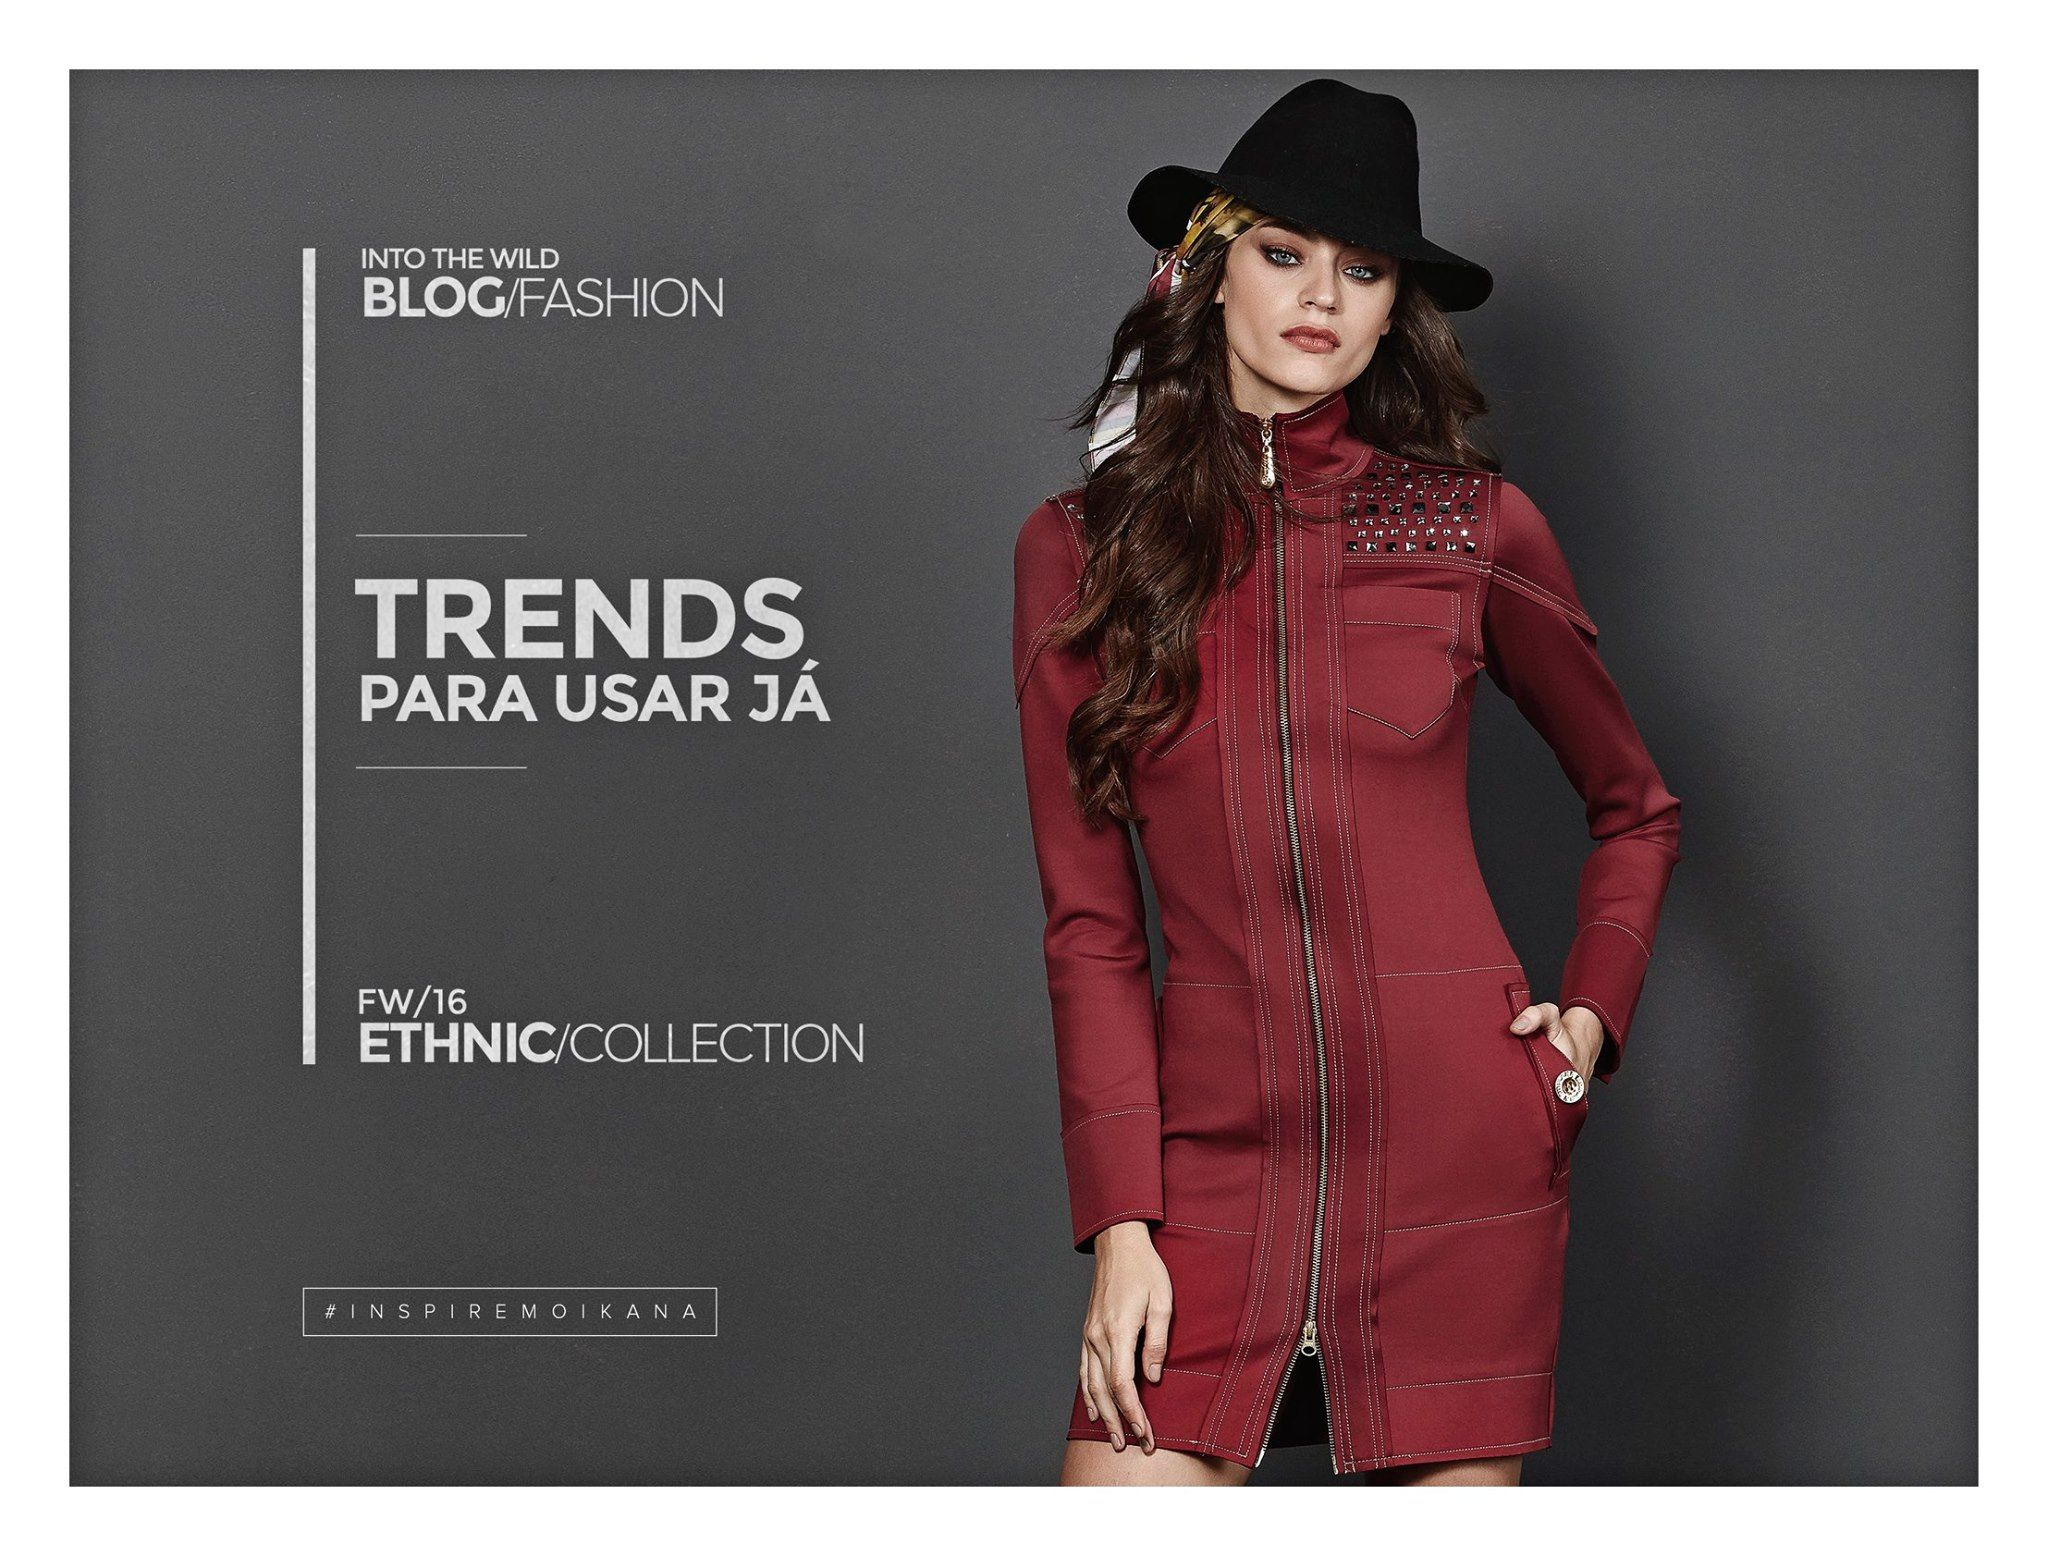 Vem conhecer as tendências de inverno essenciais das fashionistas para conseguir aquela produção quentinha e nada óbvia nos dias frios! No blog>> http://bit.ly/28PsHIg  #fallwintermoikana16